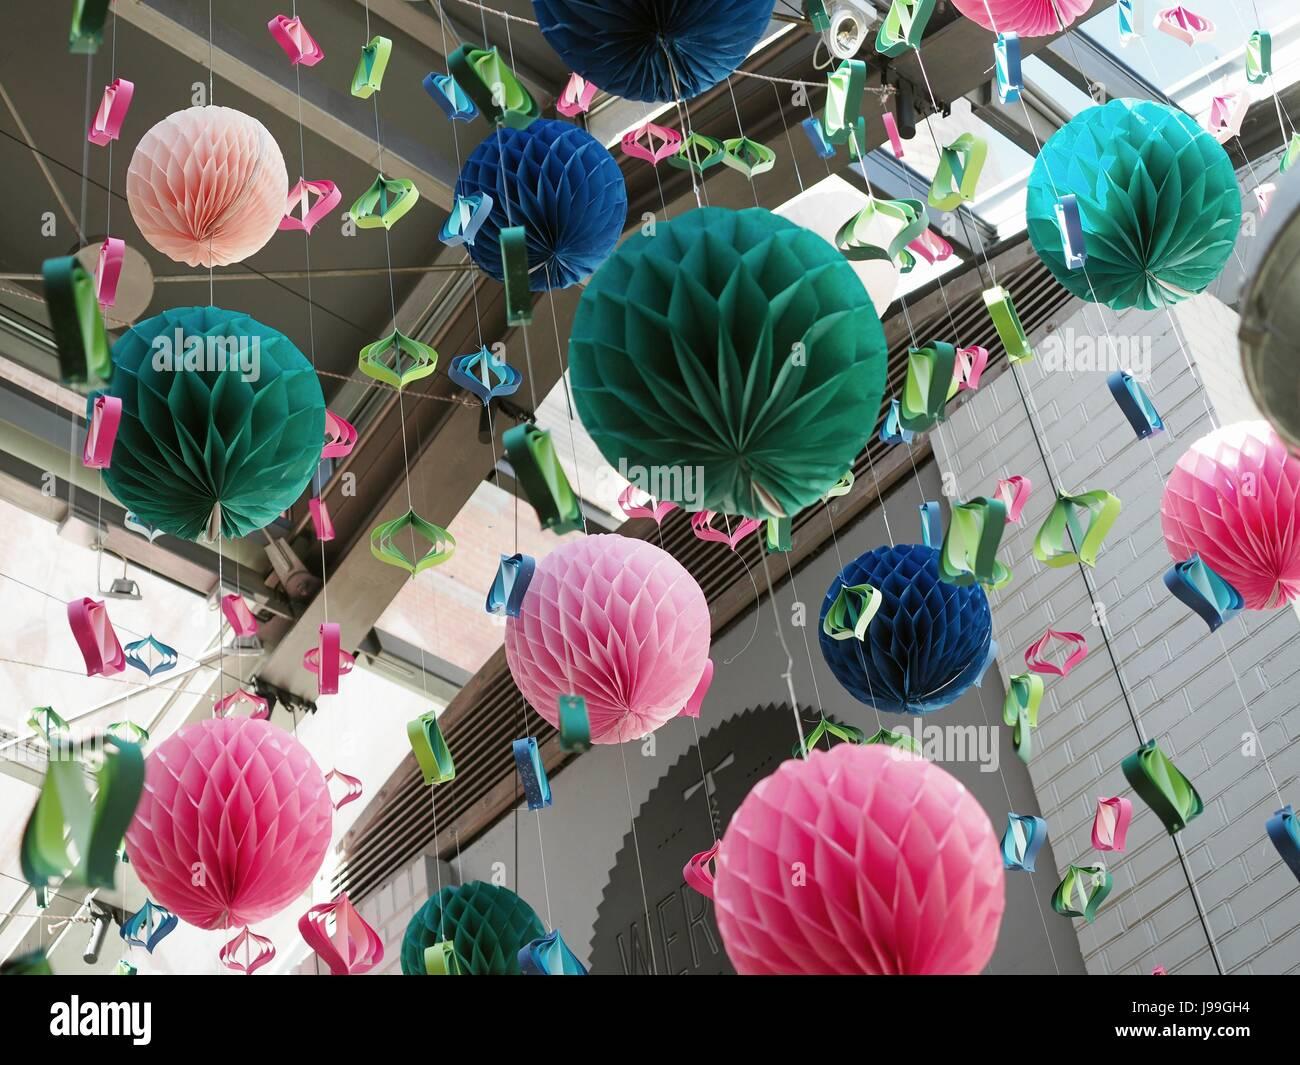 Bekannt Origami POM Papier Handwerk Ball Silvester oder Weihnachten Party VM71